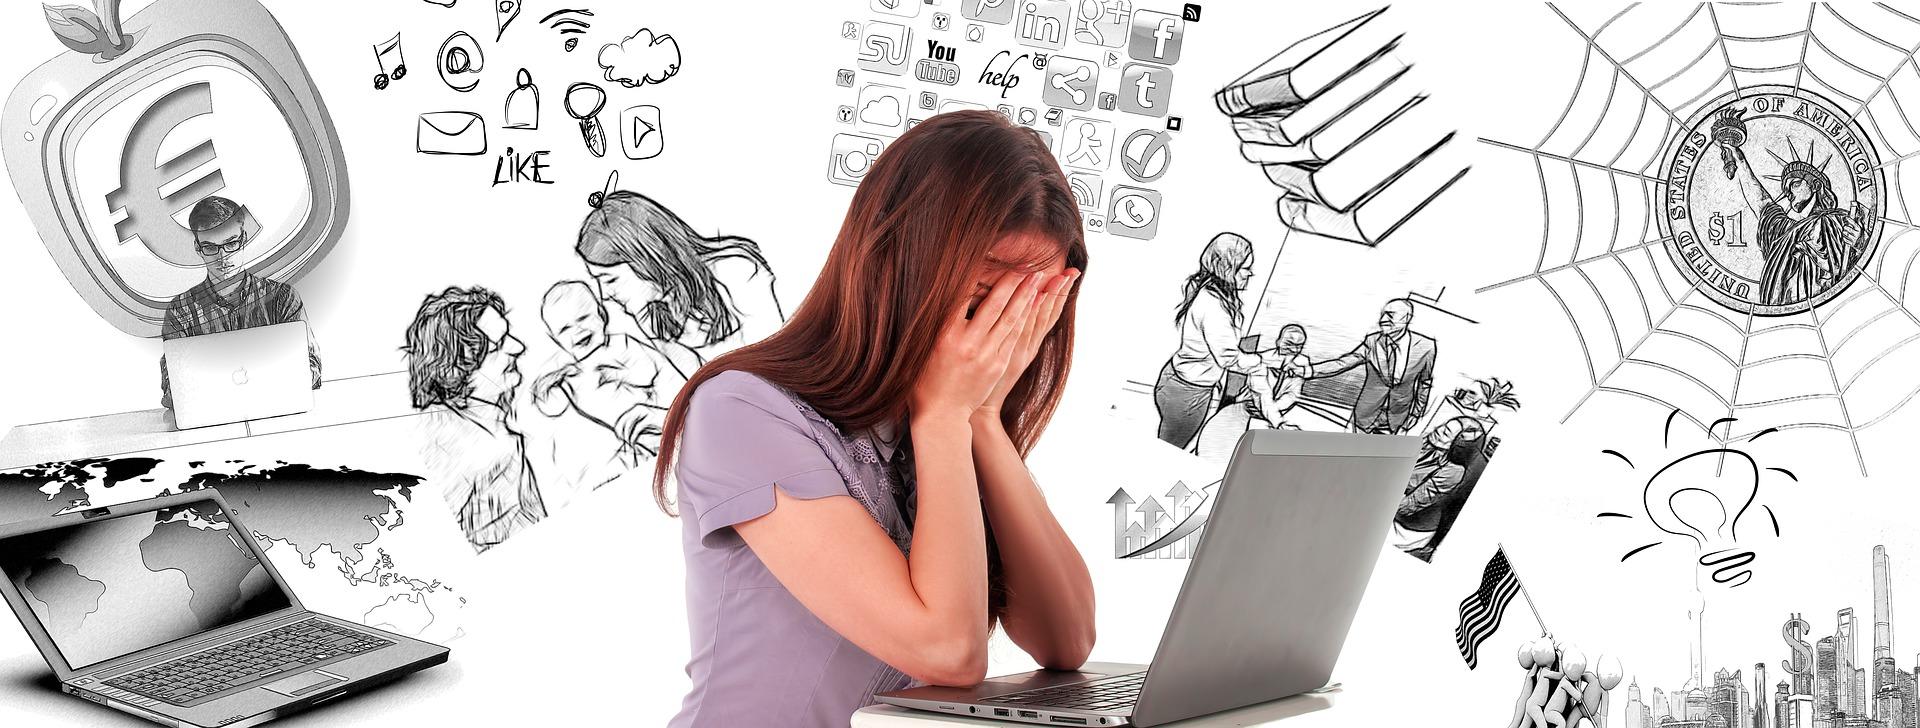 Razbijanje mitova – da li su žene bolje u multitaskingu?